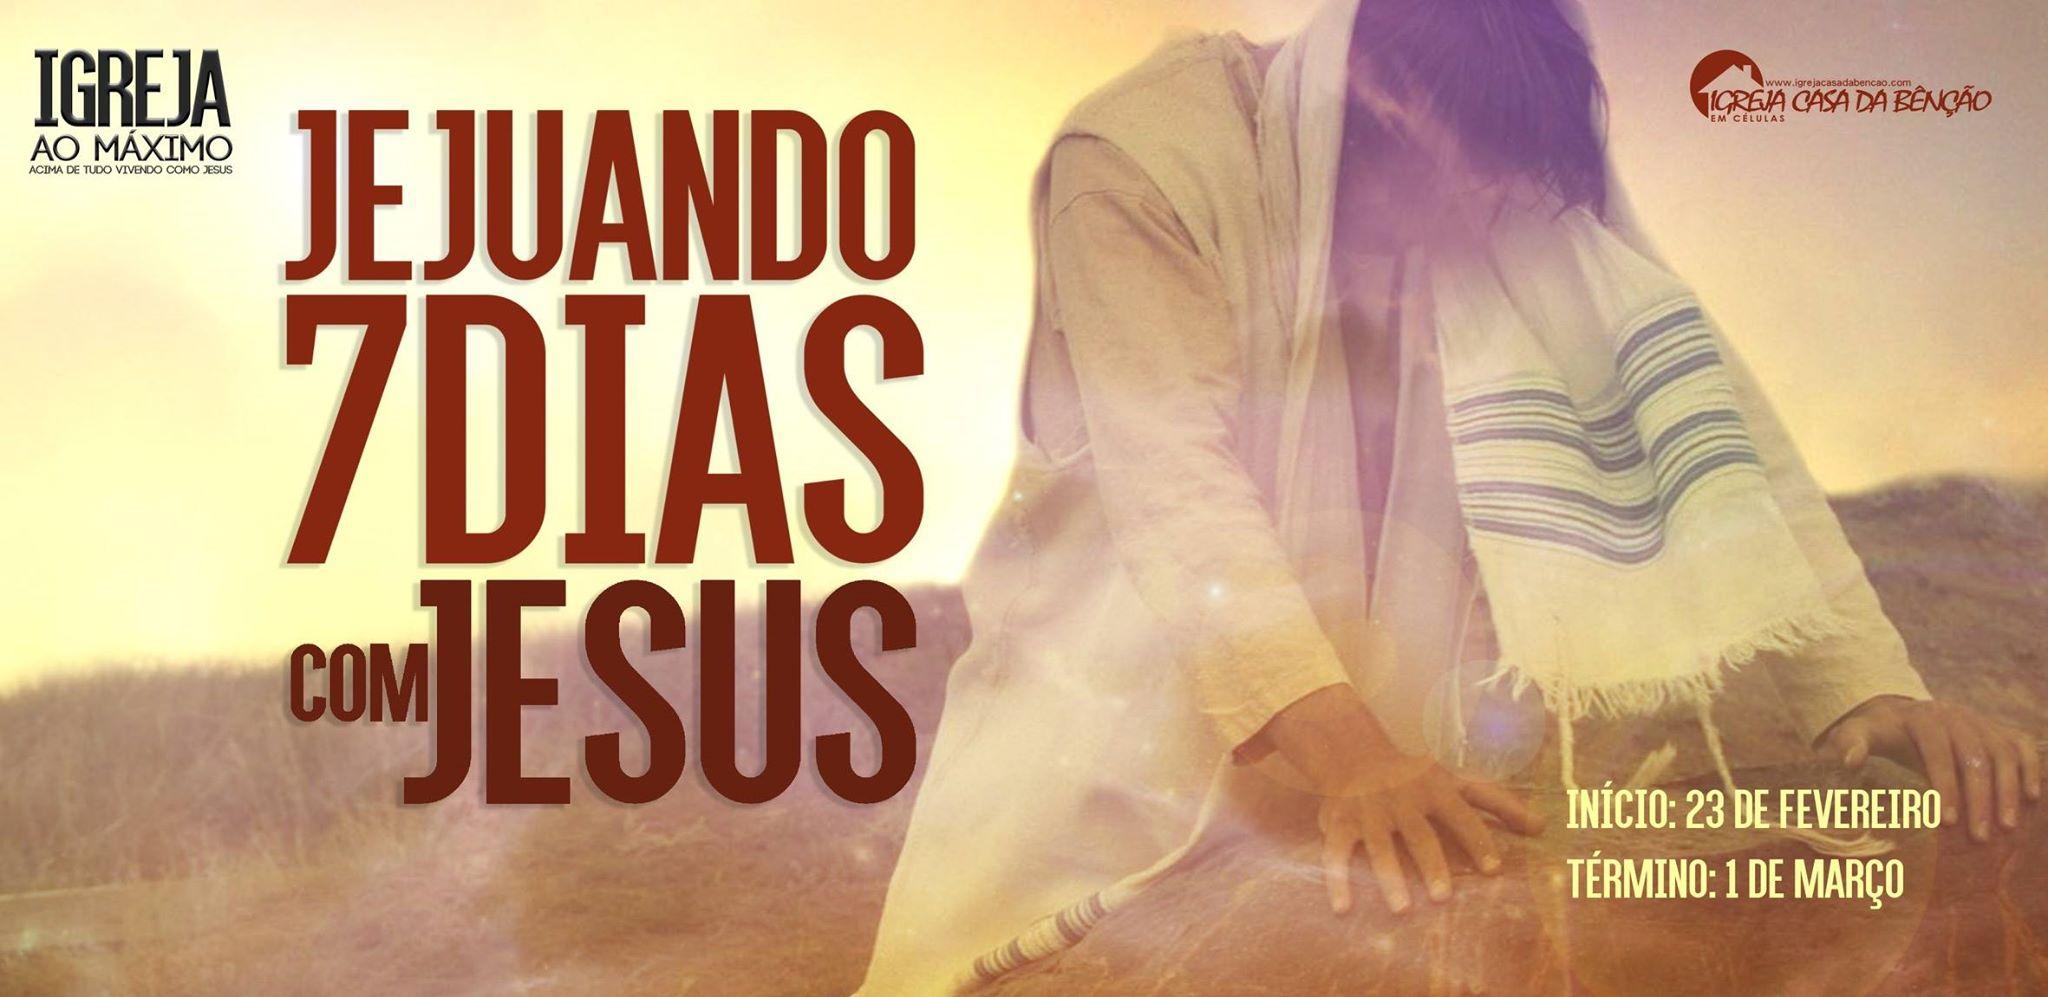 jejuando-7-dias-com-jesus